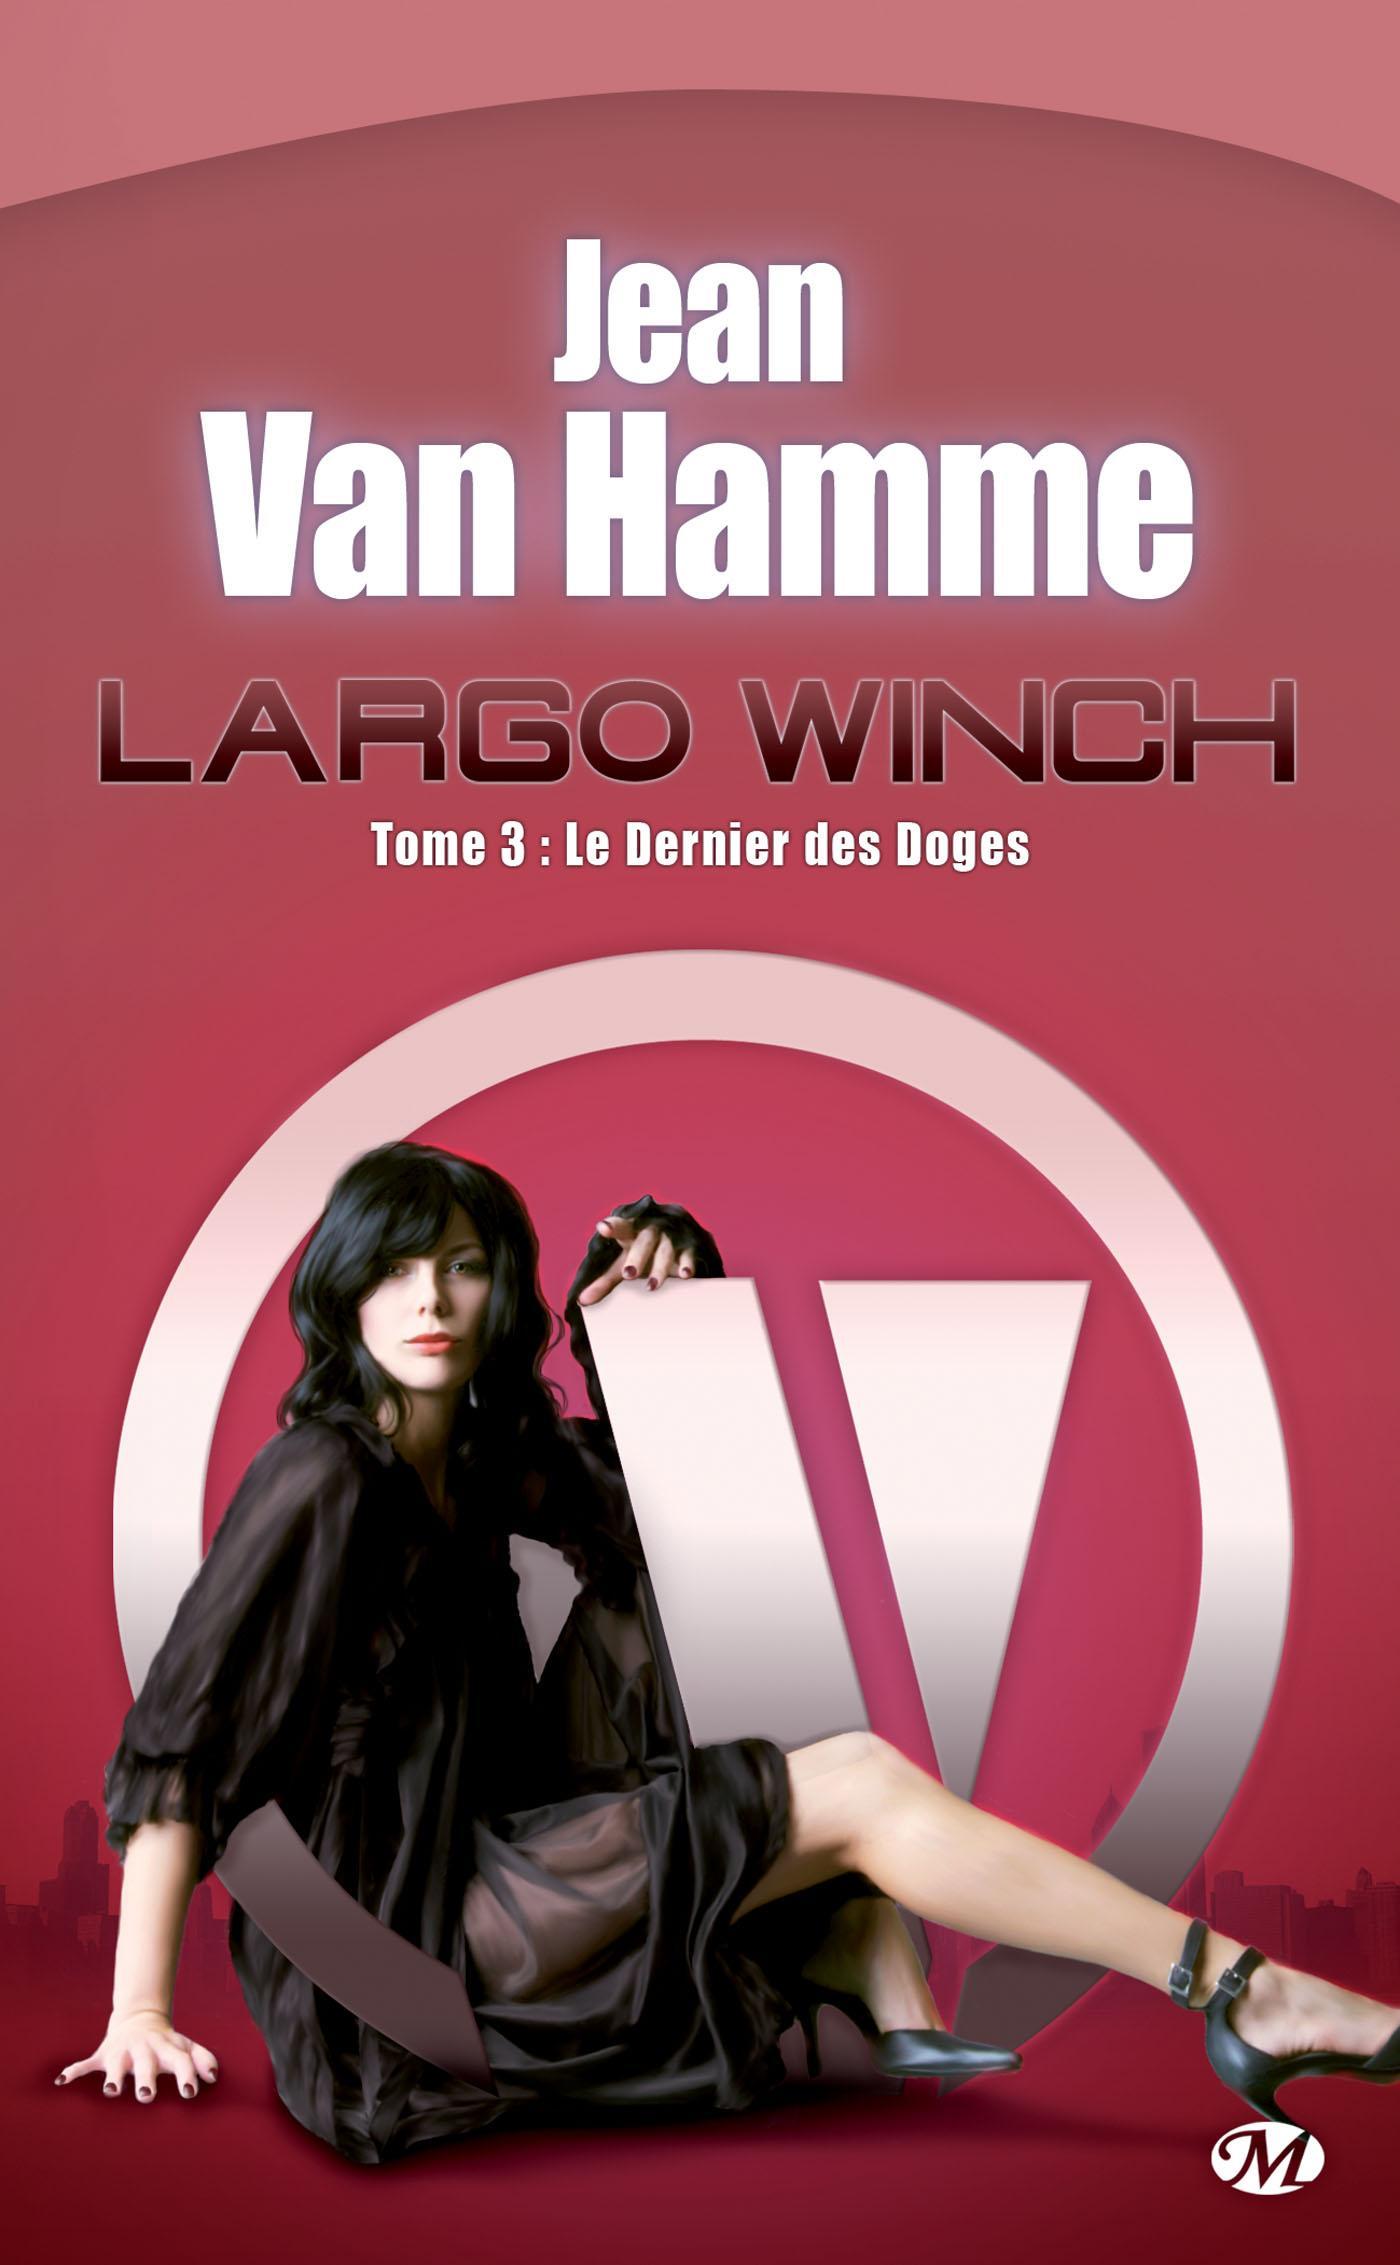 Le Dernier des Doges, LARGO WINCH, T3